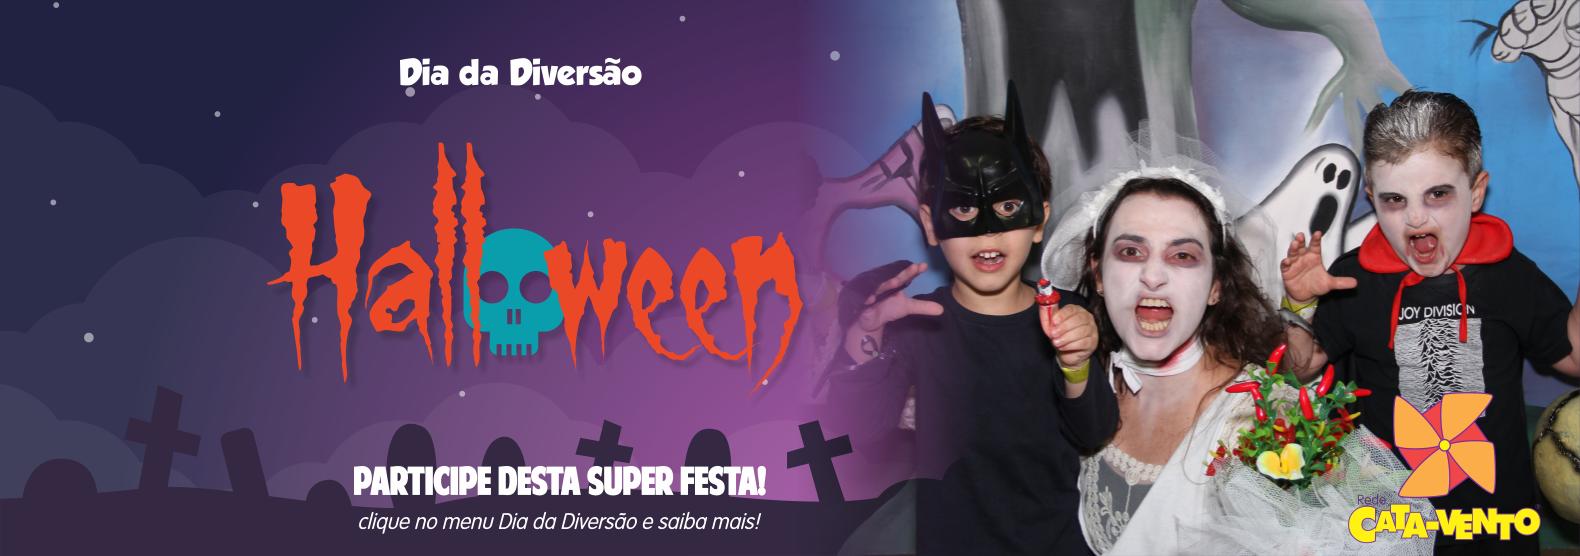 Banner Site - Halloween